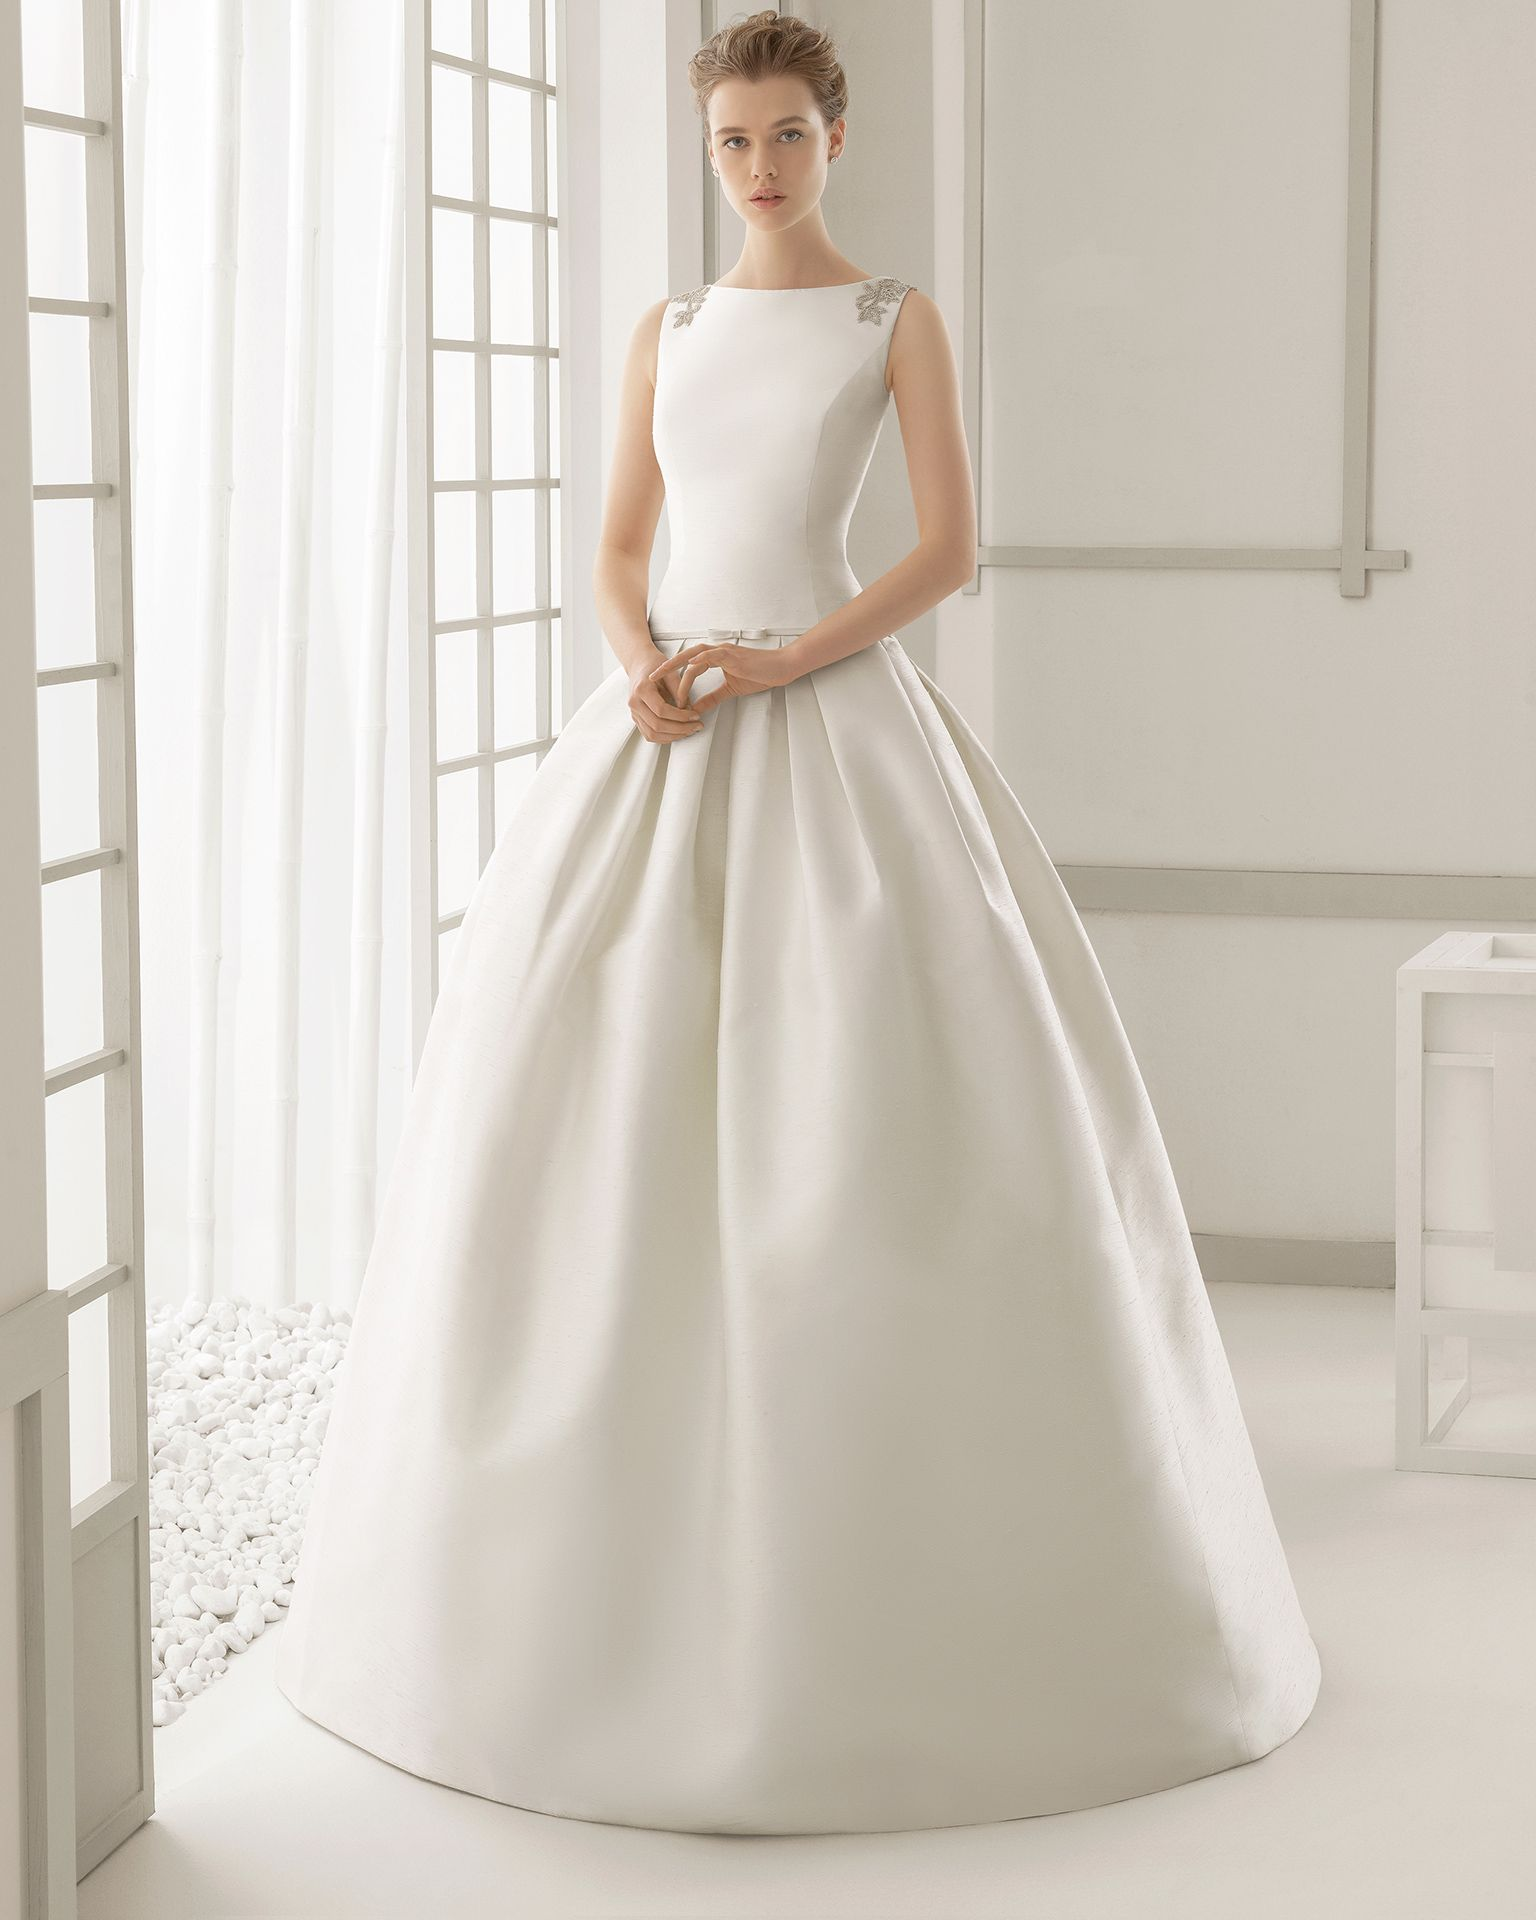 e840a08be DAMASCO vestido de novia en shantung con espalda bordada de pedrería.